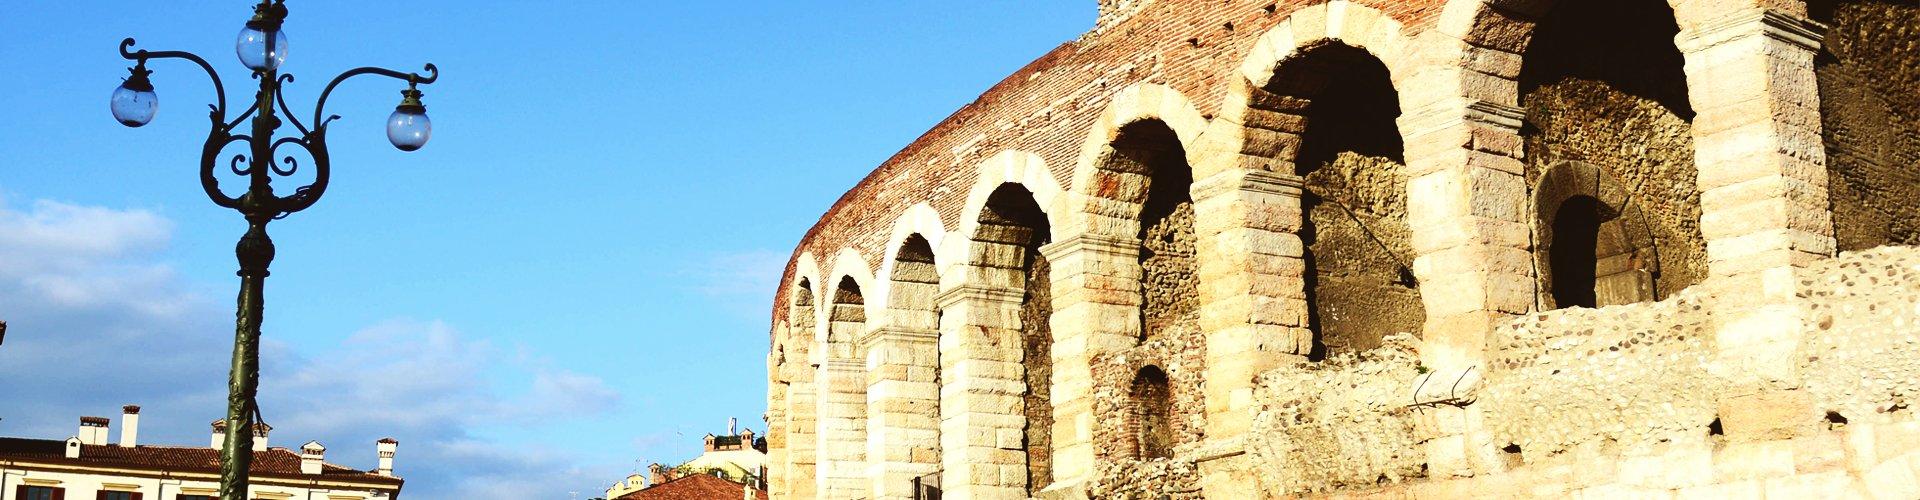 Arena die Verona, Italië